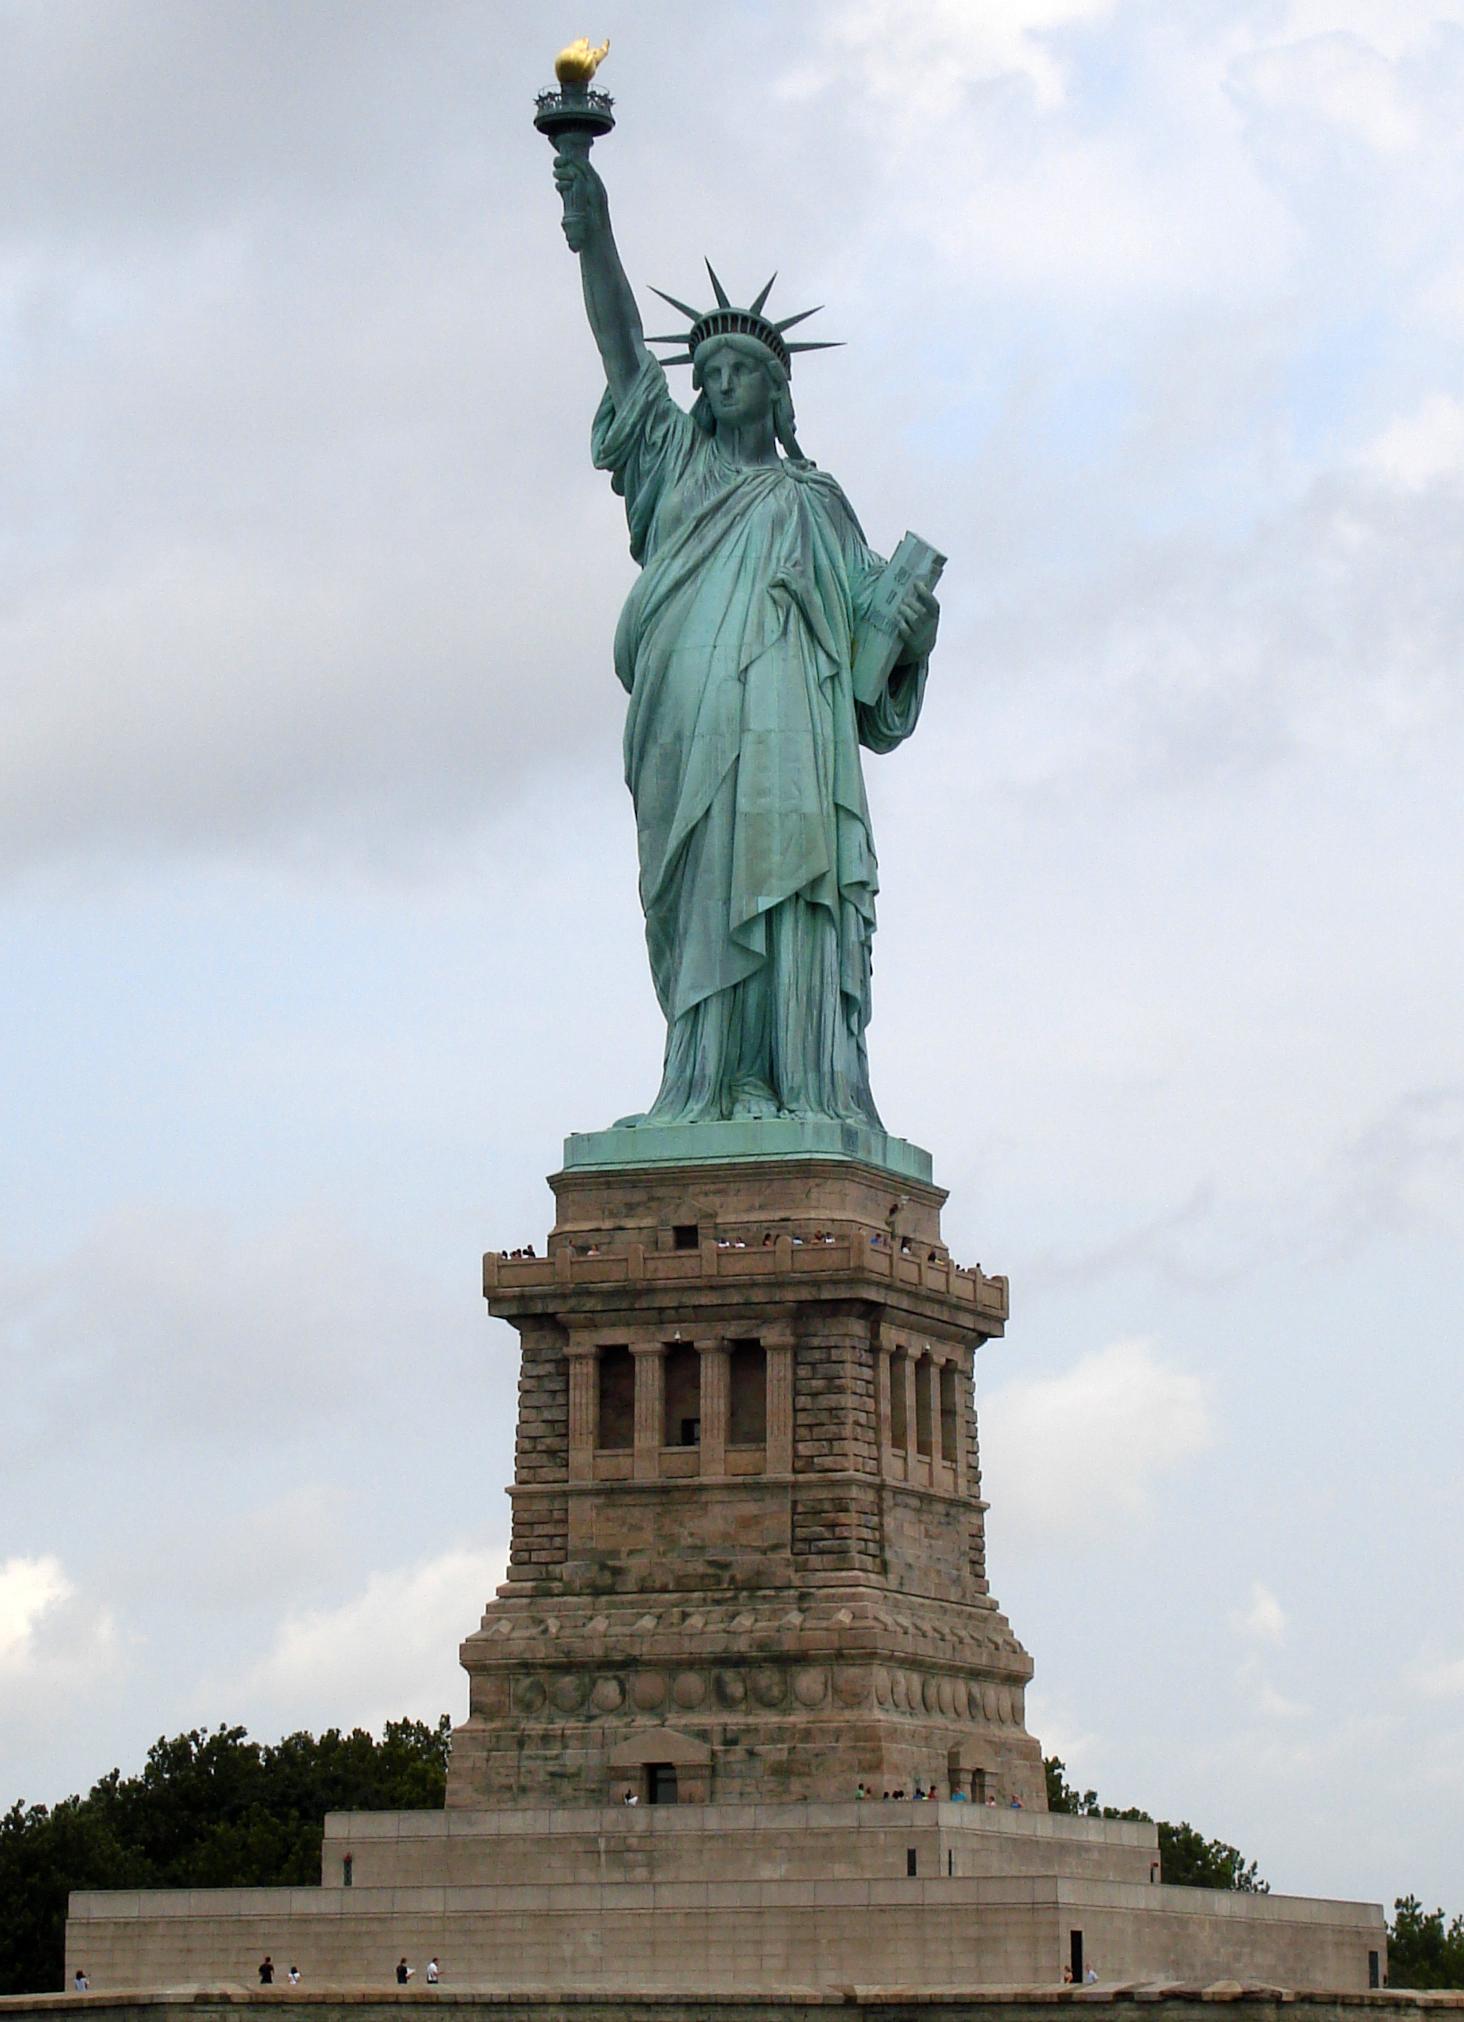 Depiction of Estatua de la Libertad